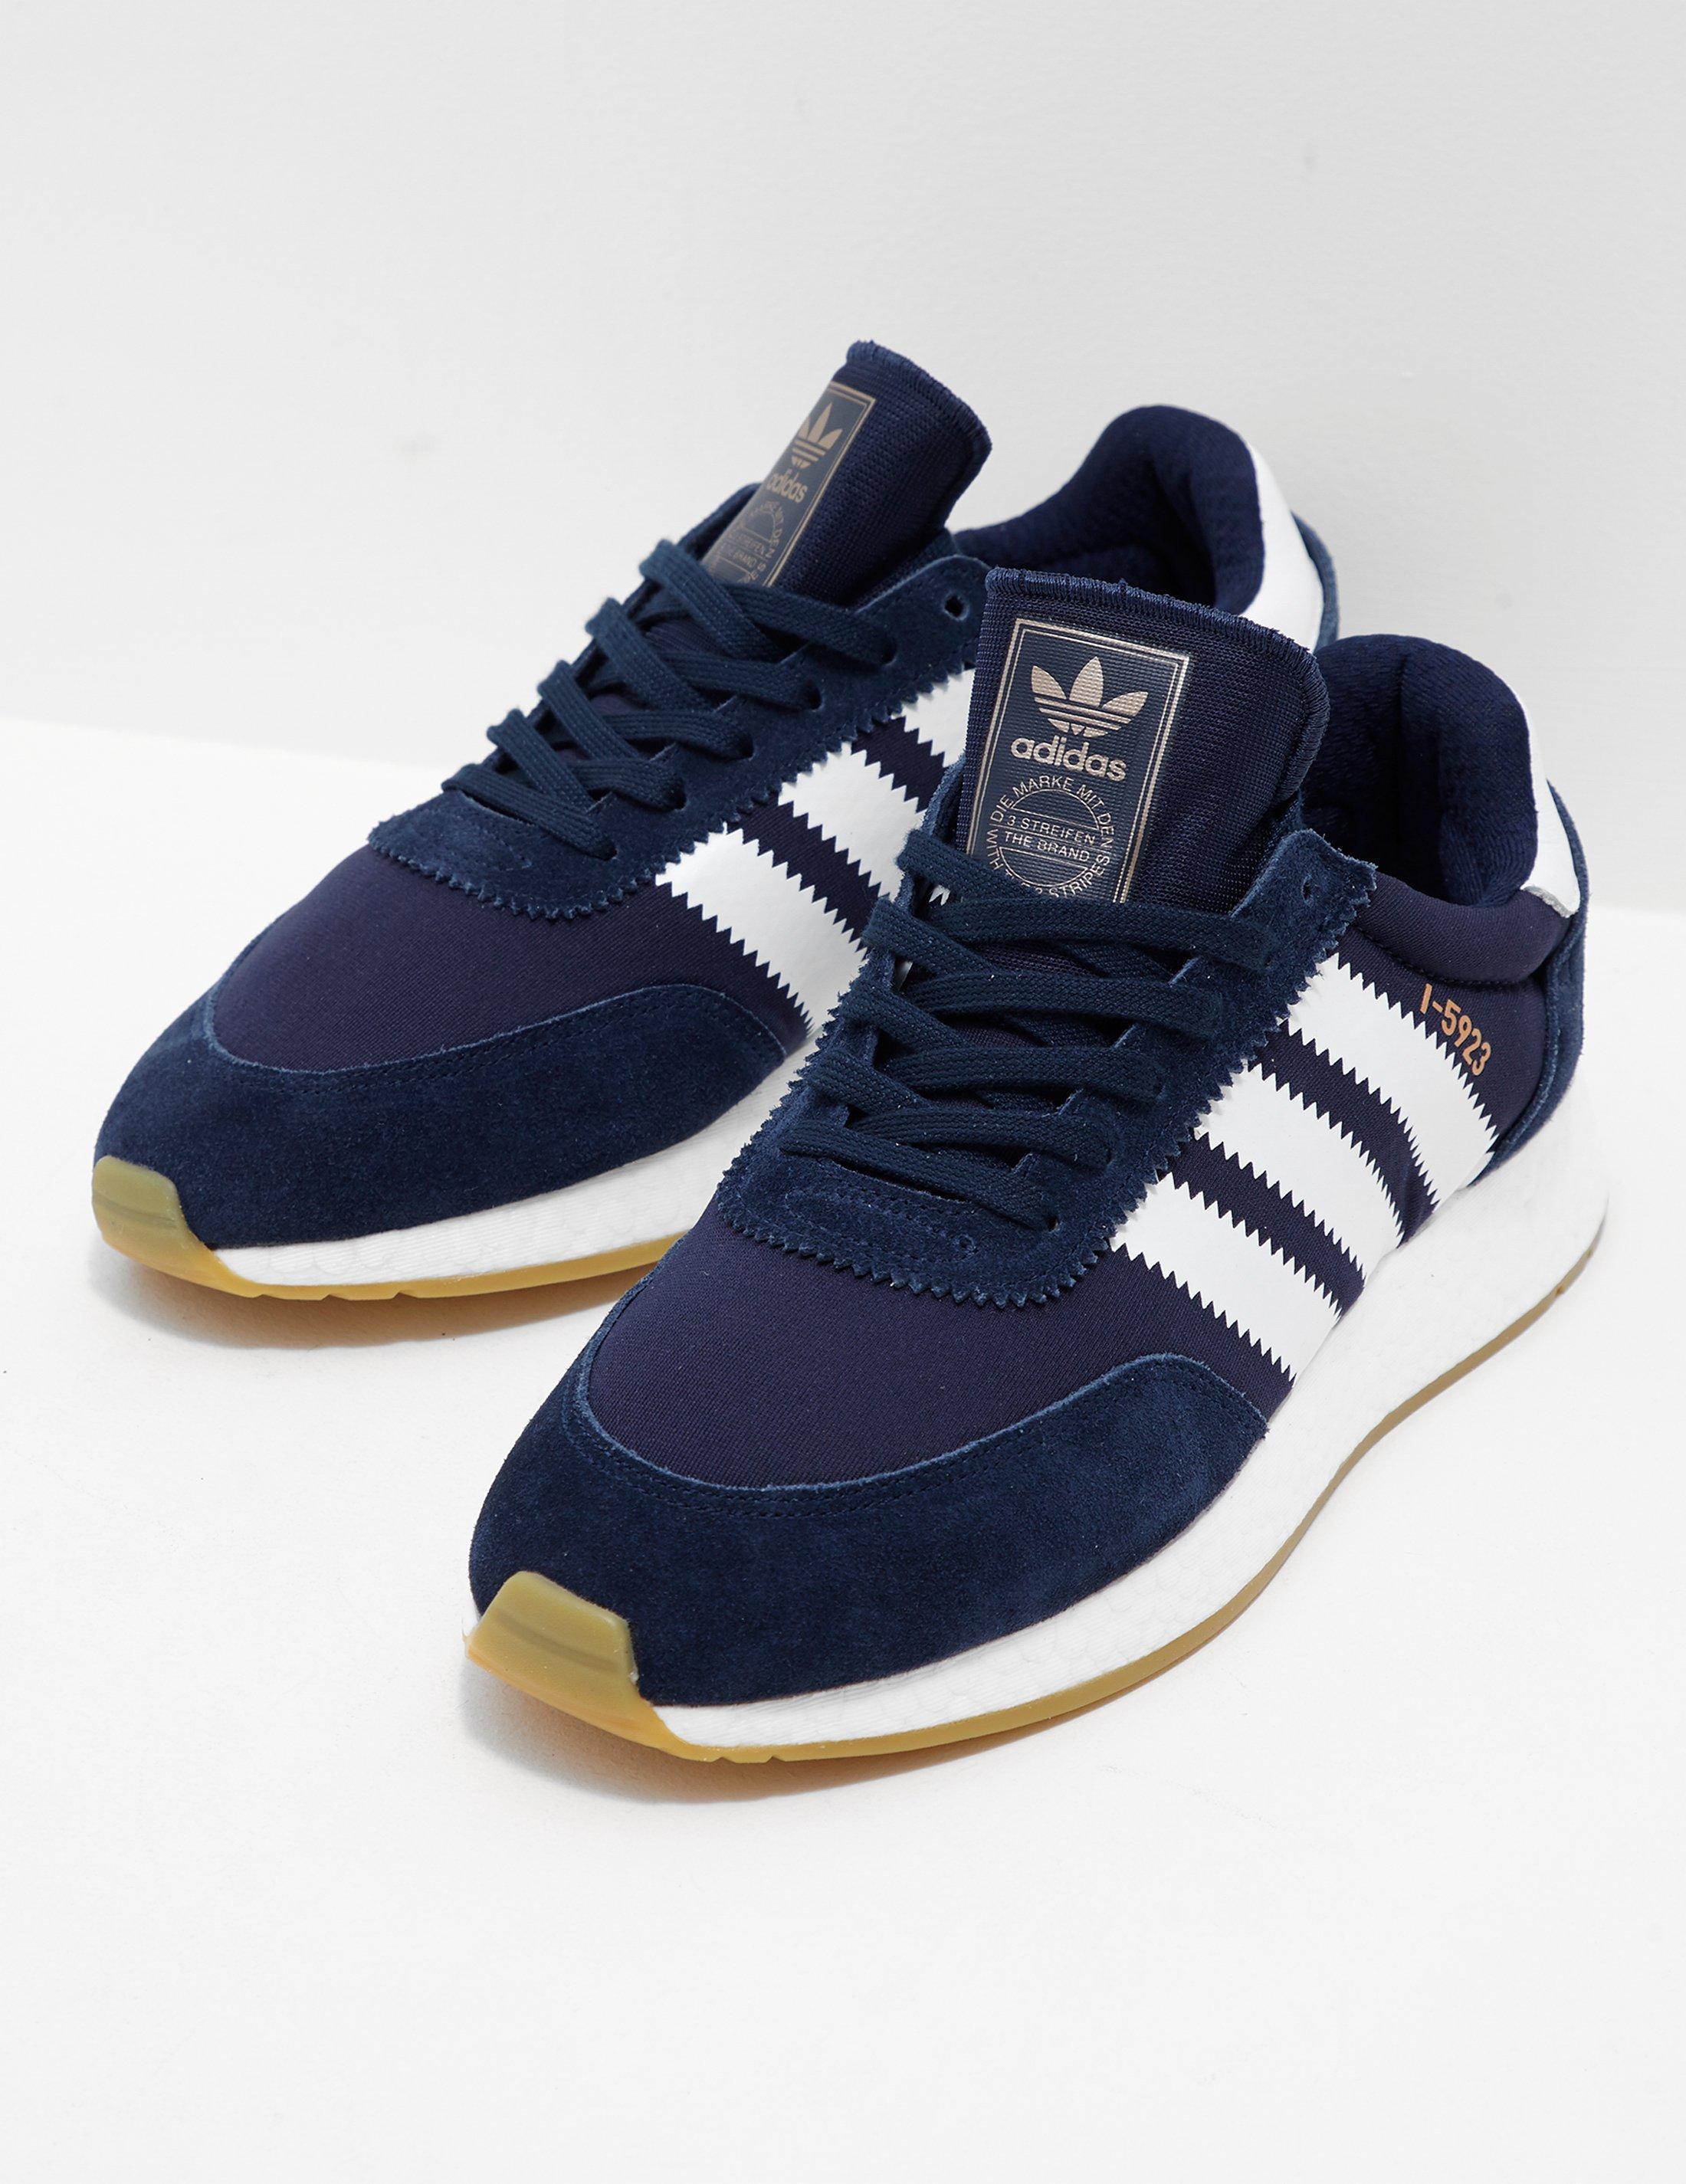 new product 5cbfe ca9fc ... sweden lyst adidas originals mens i 5923 boost blue in blue for men  9e182 06f8a